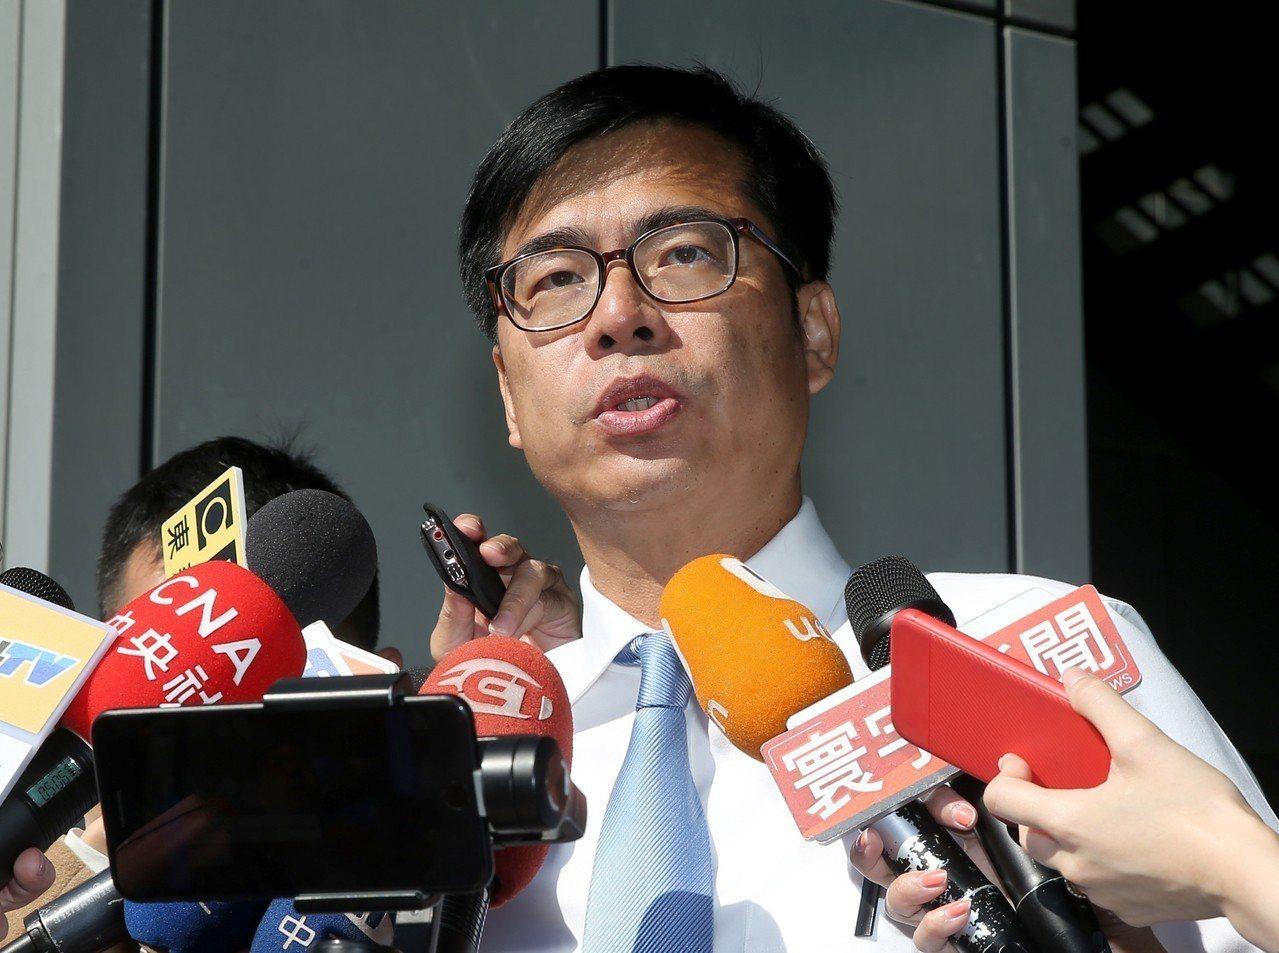 民進黨高雄市長候選人陳其邁(圖)昨天北上錄製電視節目前接受媒體訪問,談到Line...